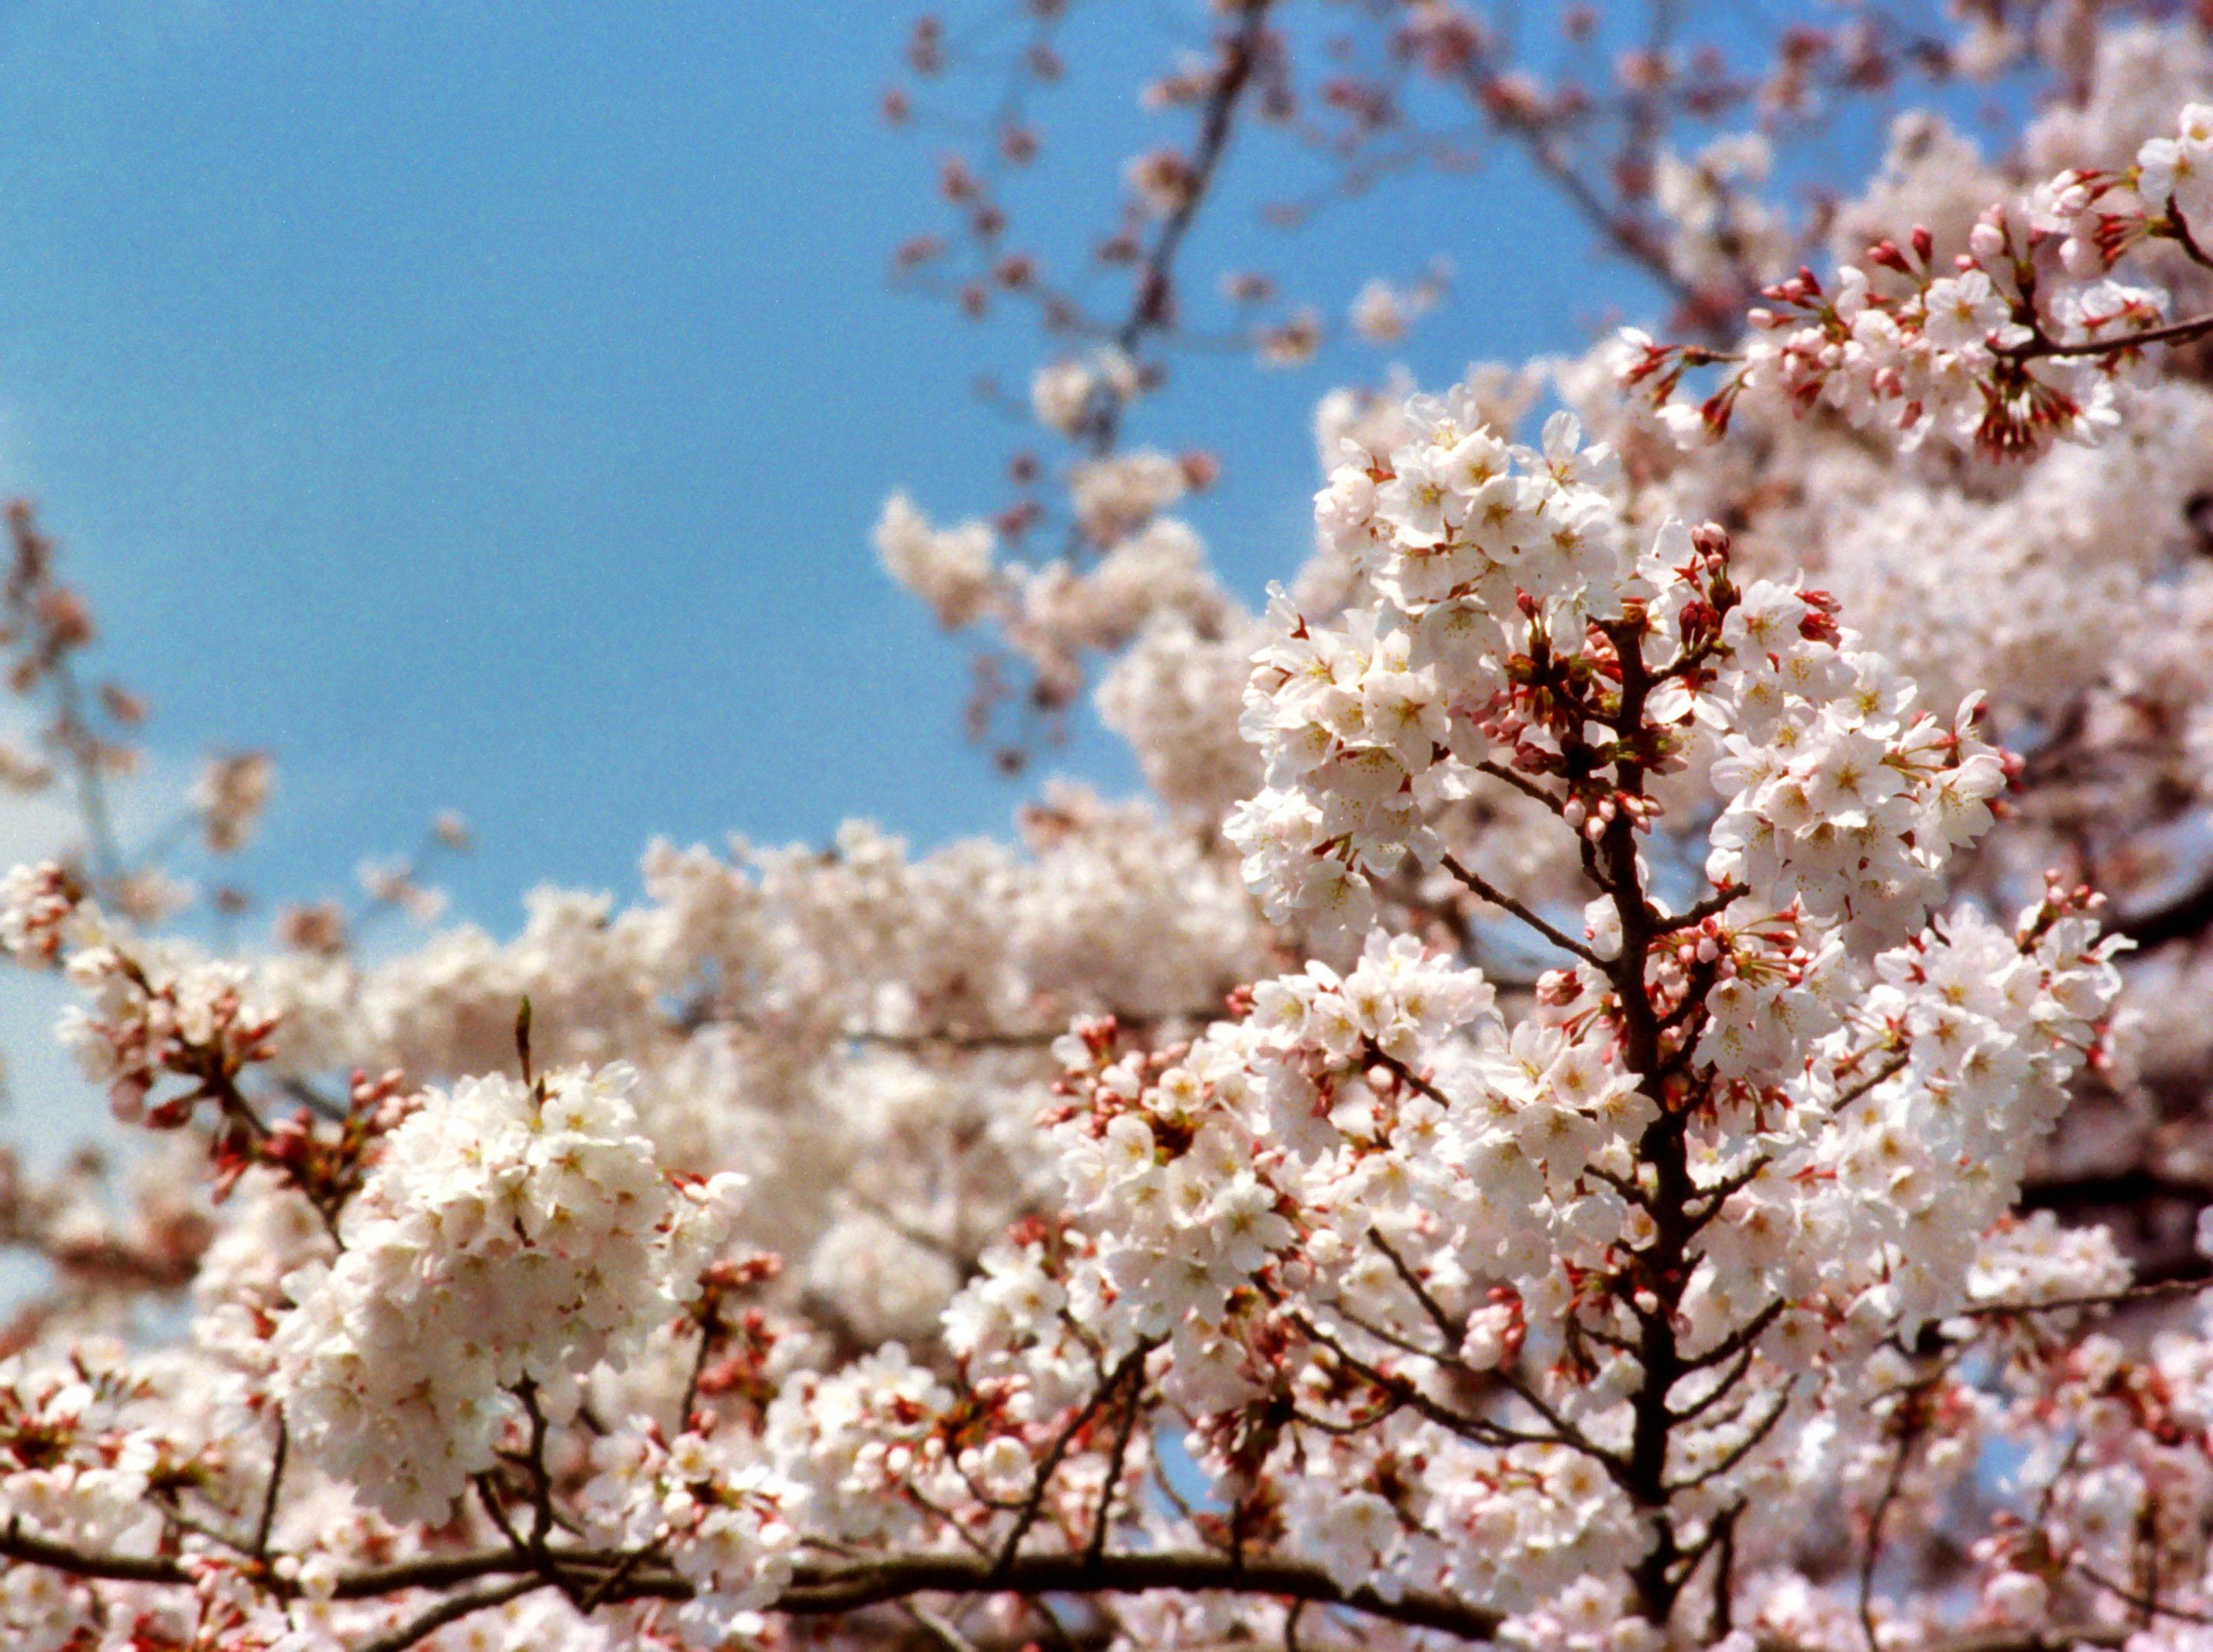 ゆんフリー写真素材集 No 418 春の陽桜 日本 東京